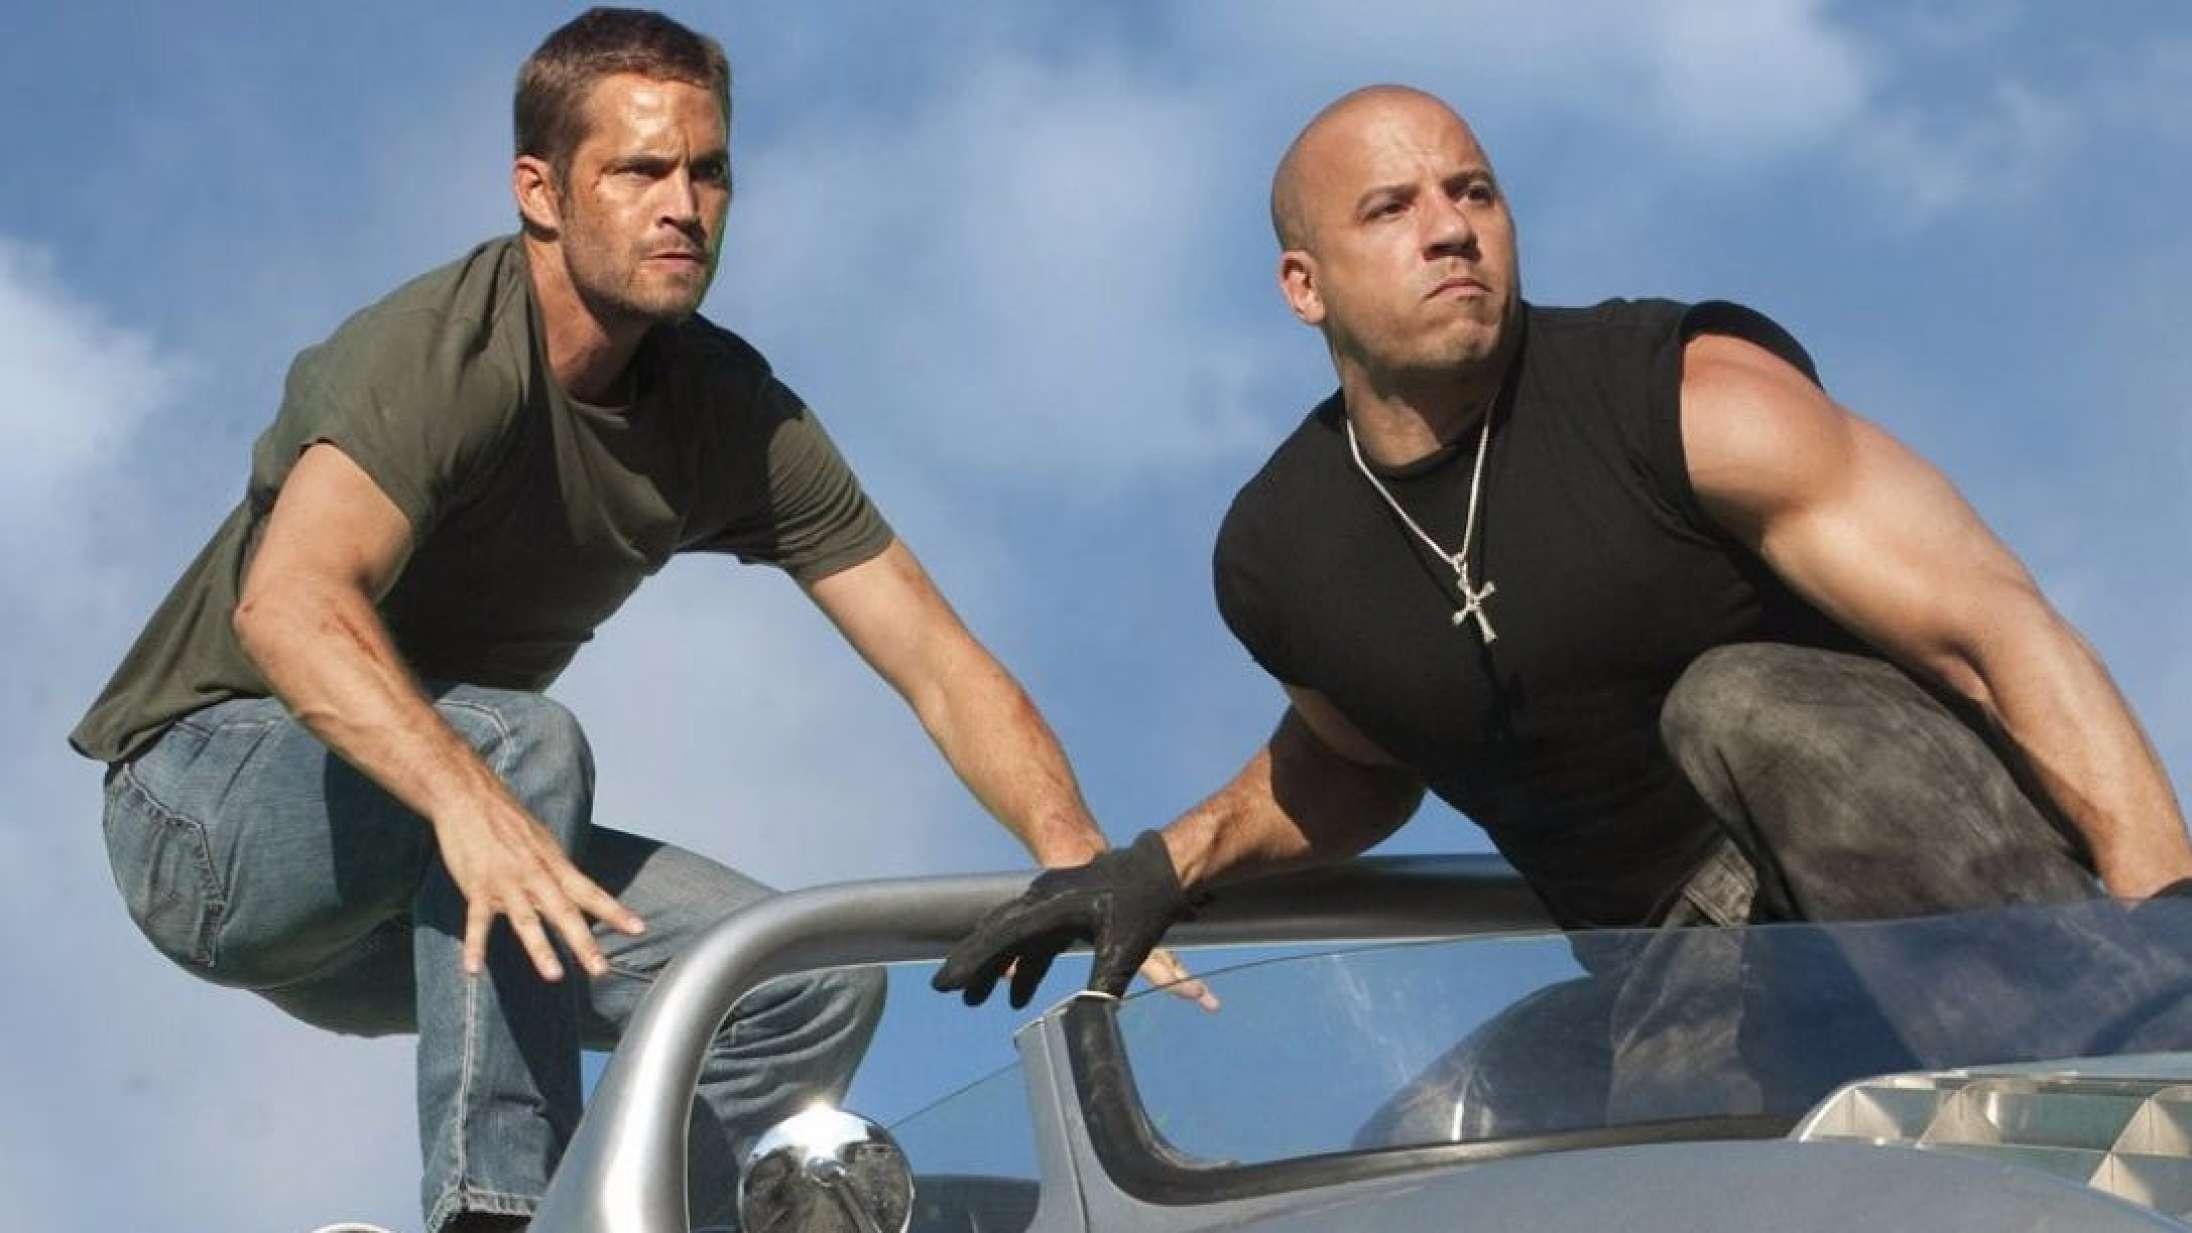 Finalebraget 'Fast & Furious 10' splittes op i to kapitler